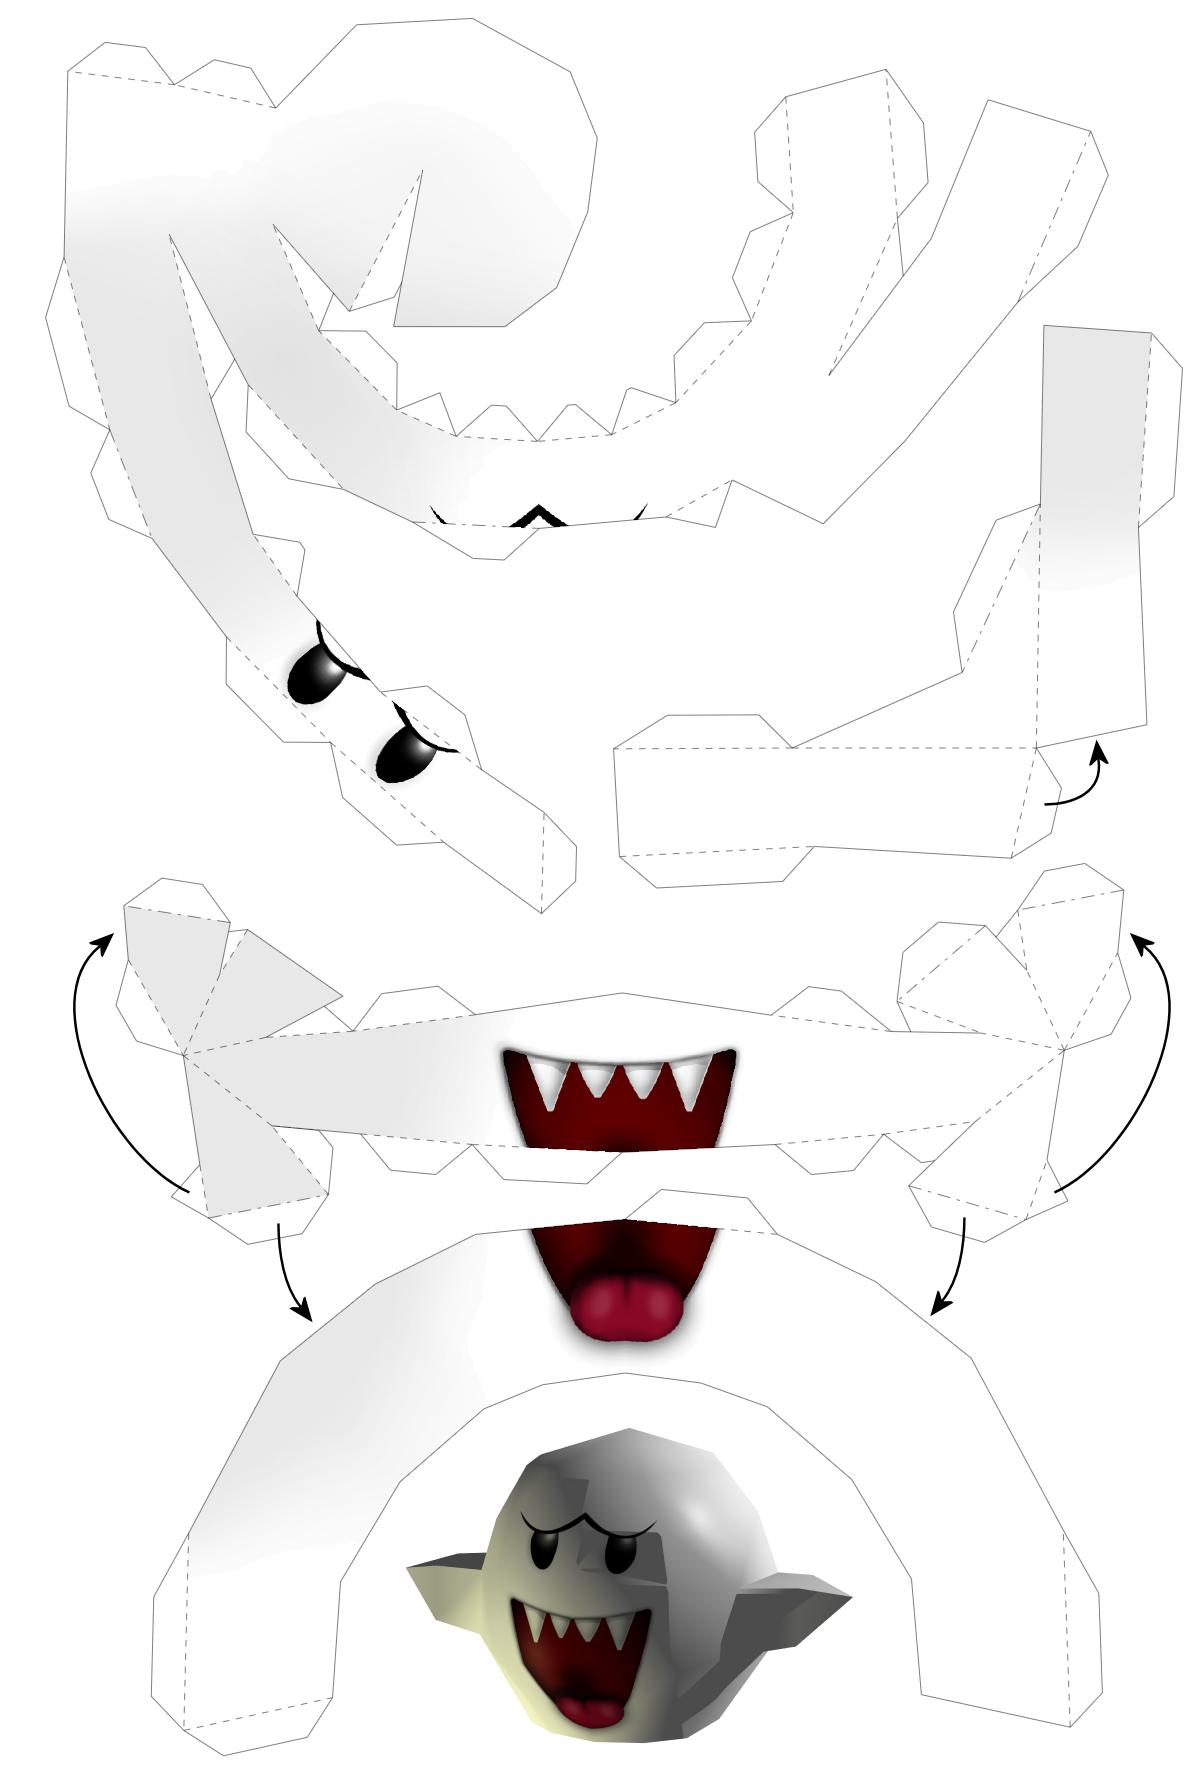 Super Mario papercraft - Mario Origami! - photo#25